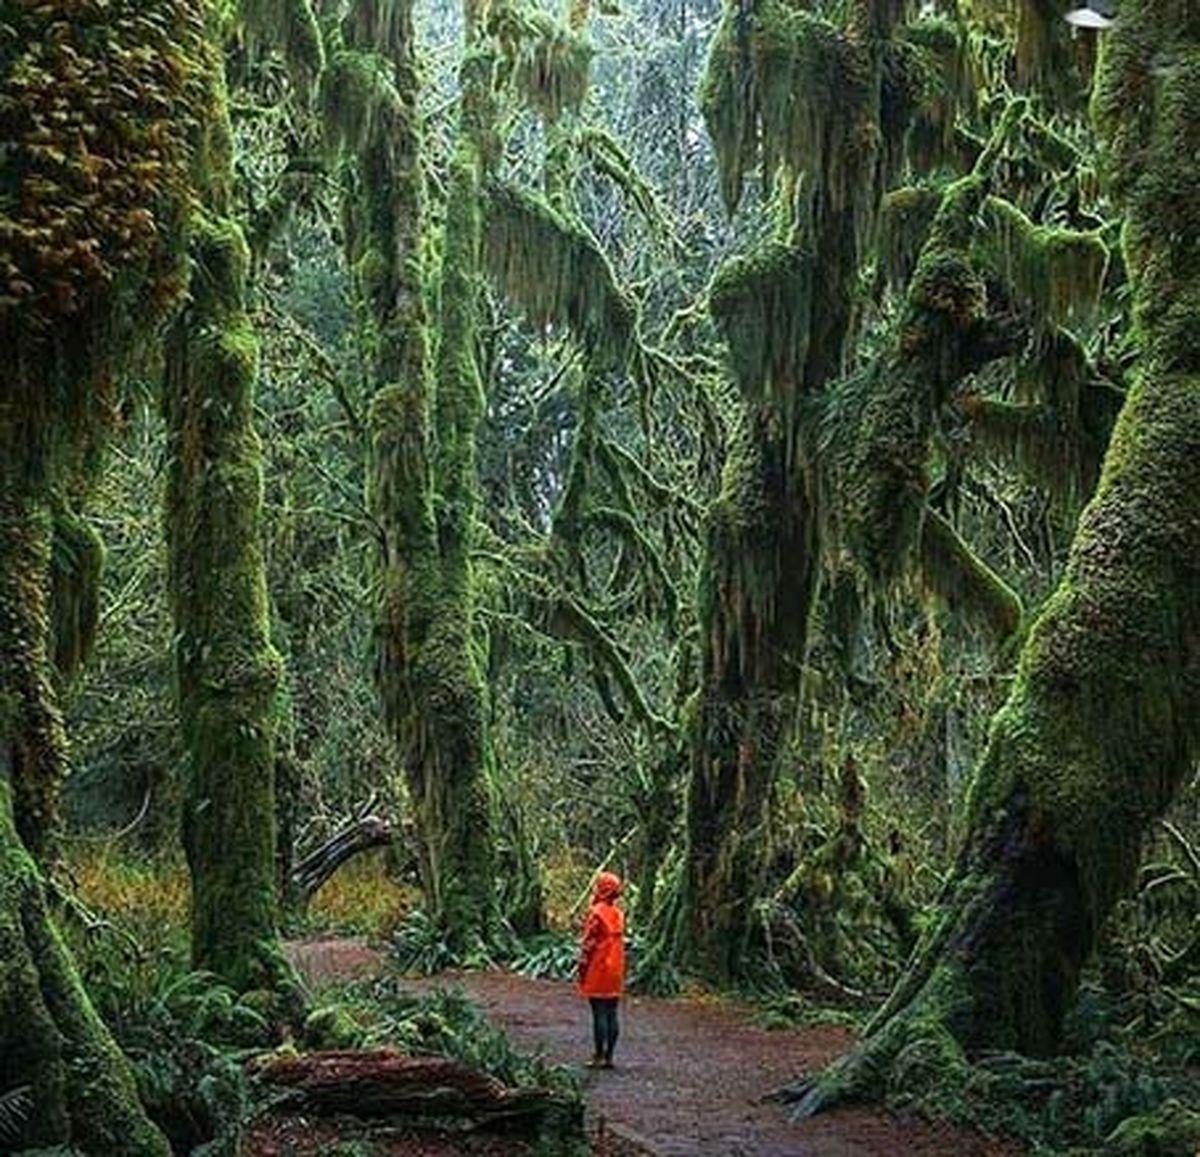 ترسناک ترین اما زیباترین جنگل دنیا عکس